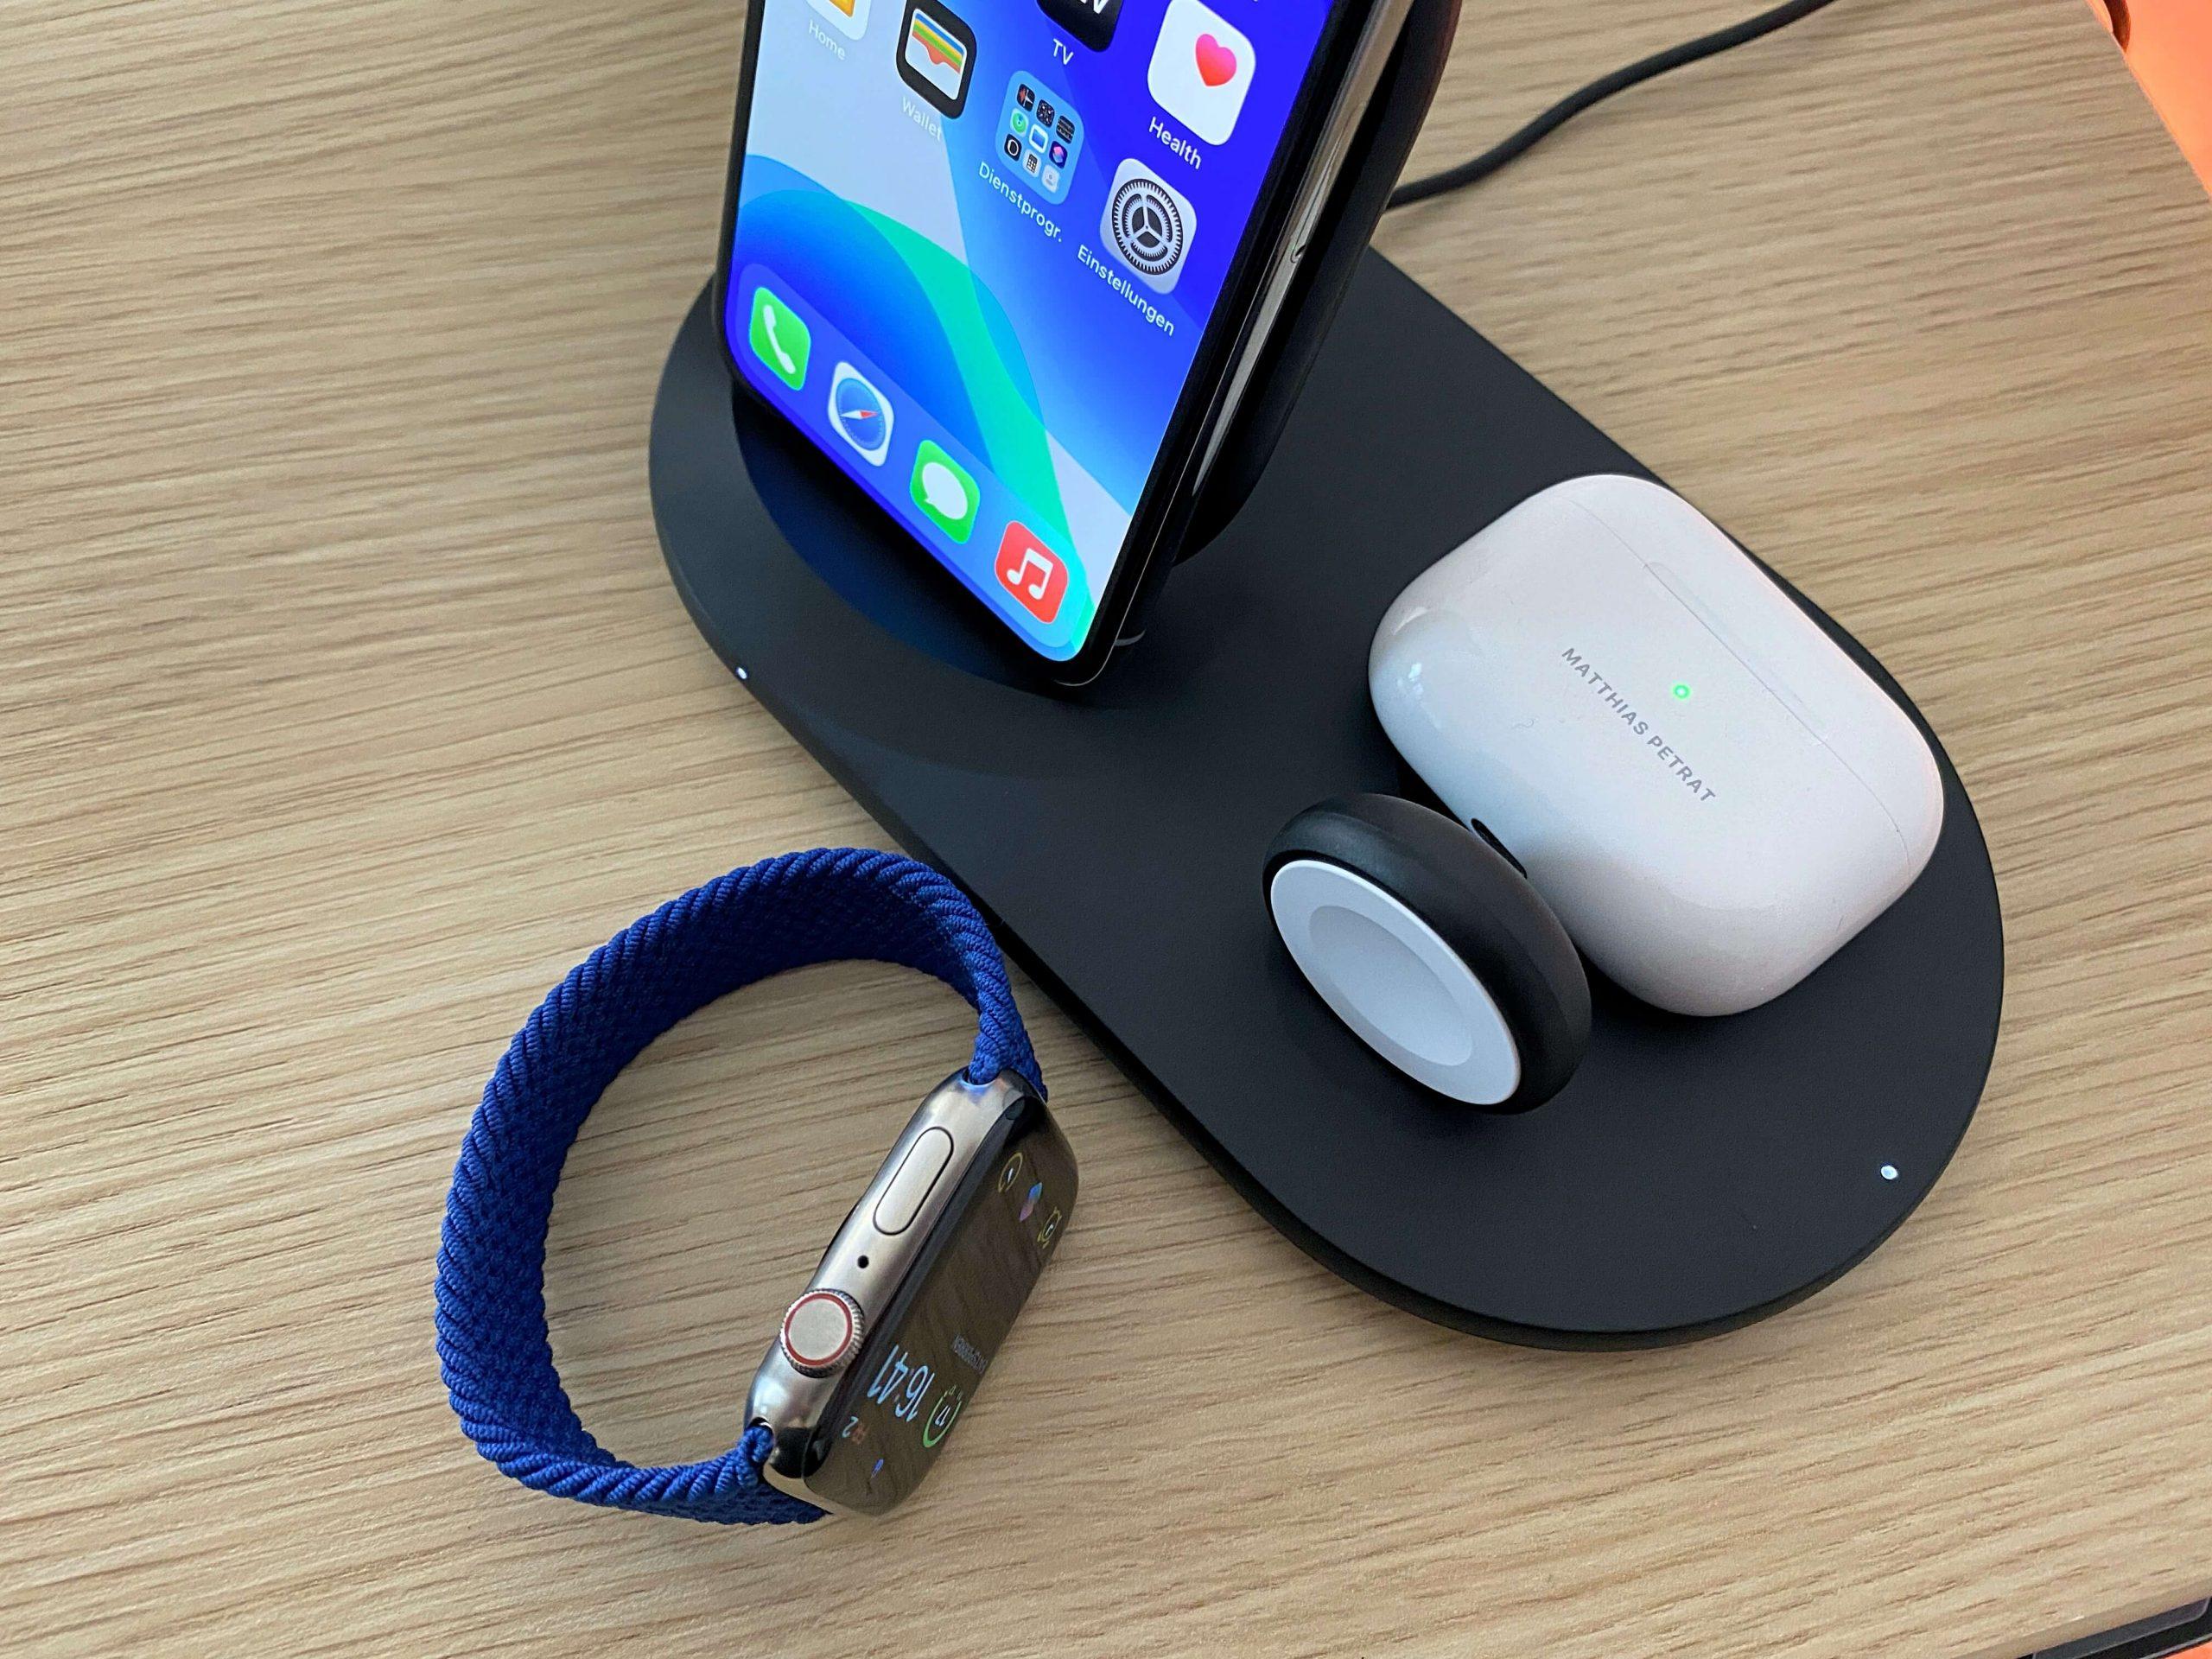 3-in-1-Wireless-Charger-von-Belkin-iPhone-Apple-Watch-und-AirPods-zeitgleich-laden5-scaled 3-in-1 Wireless Charger von Belkin - iPhone, Apple Watch und AirPods zeitgleich laden